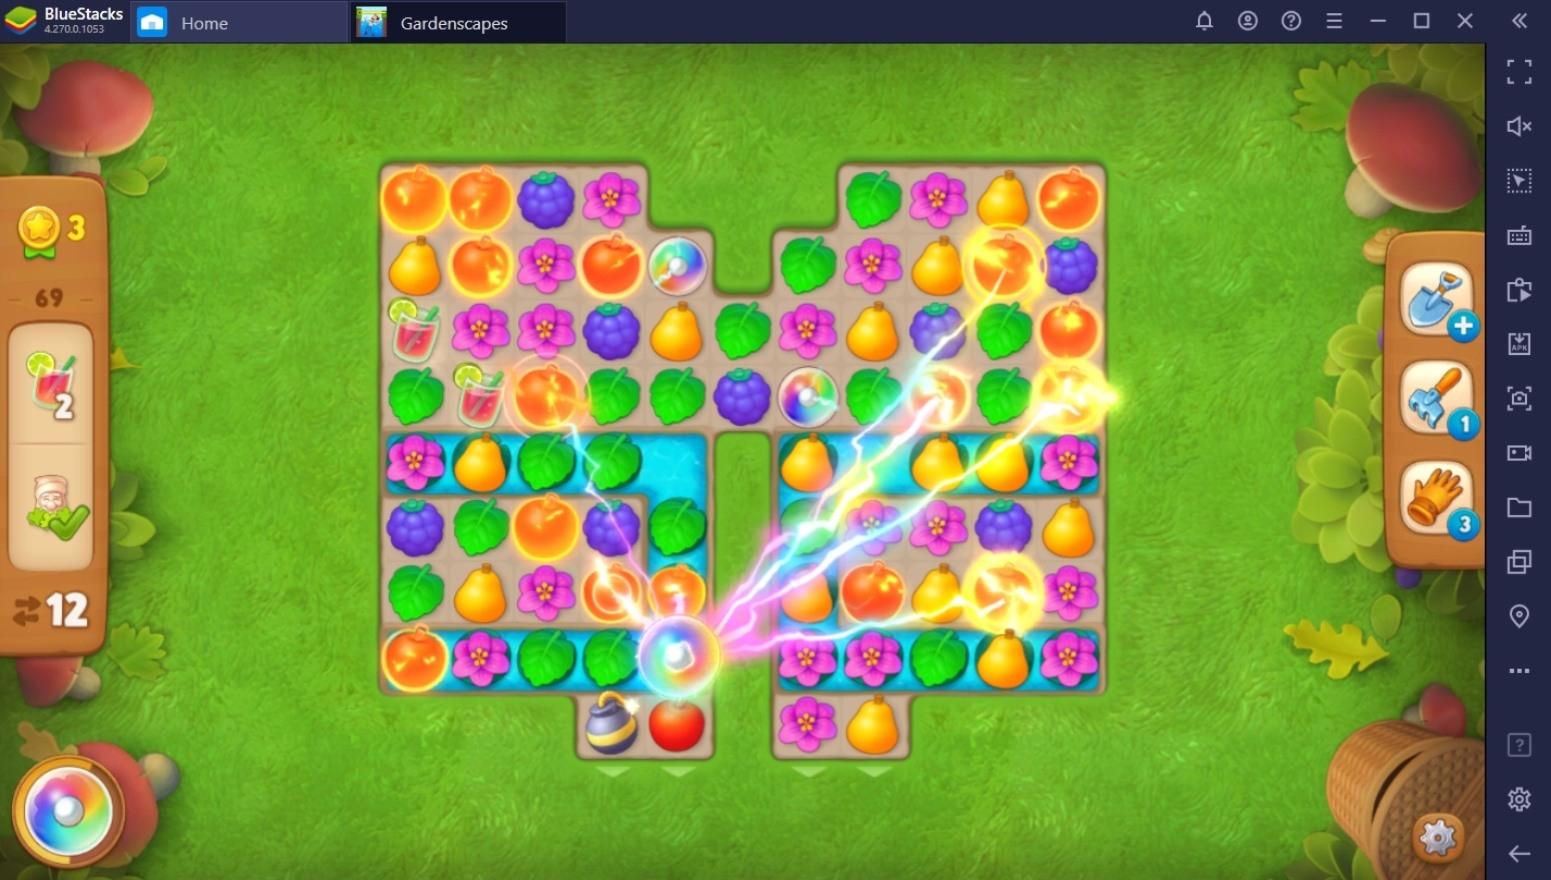 Gardenscapes – Geschickter Einsatz von Werkzeugen und Power-Ups